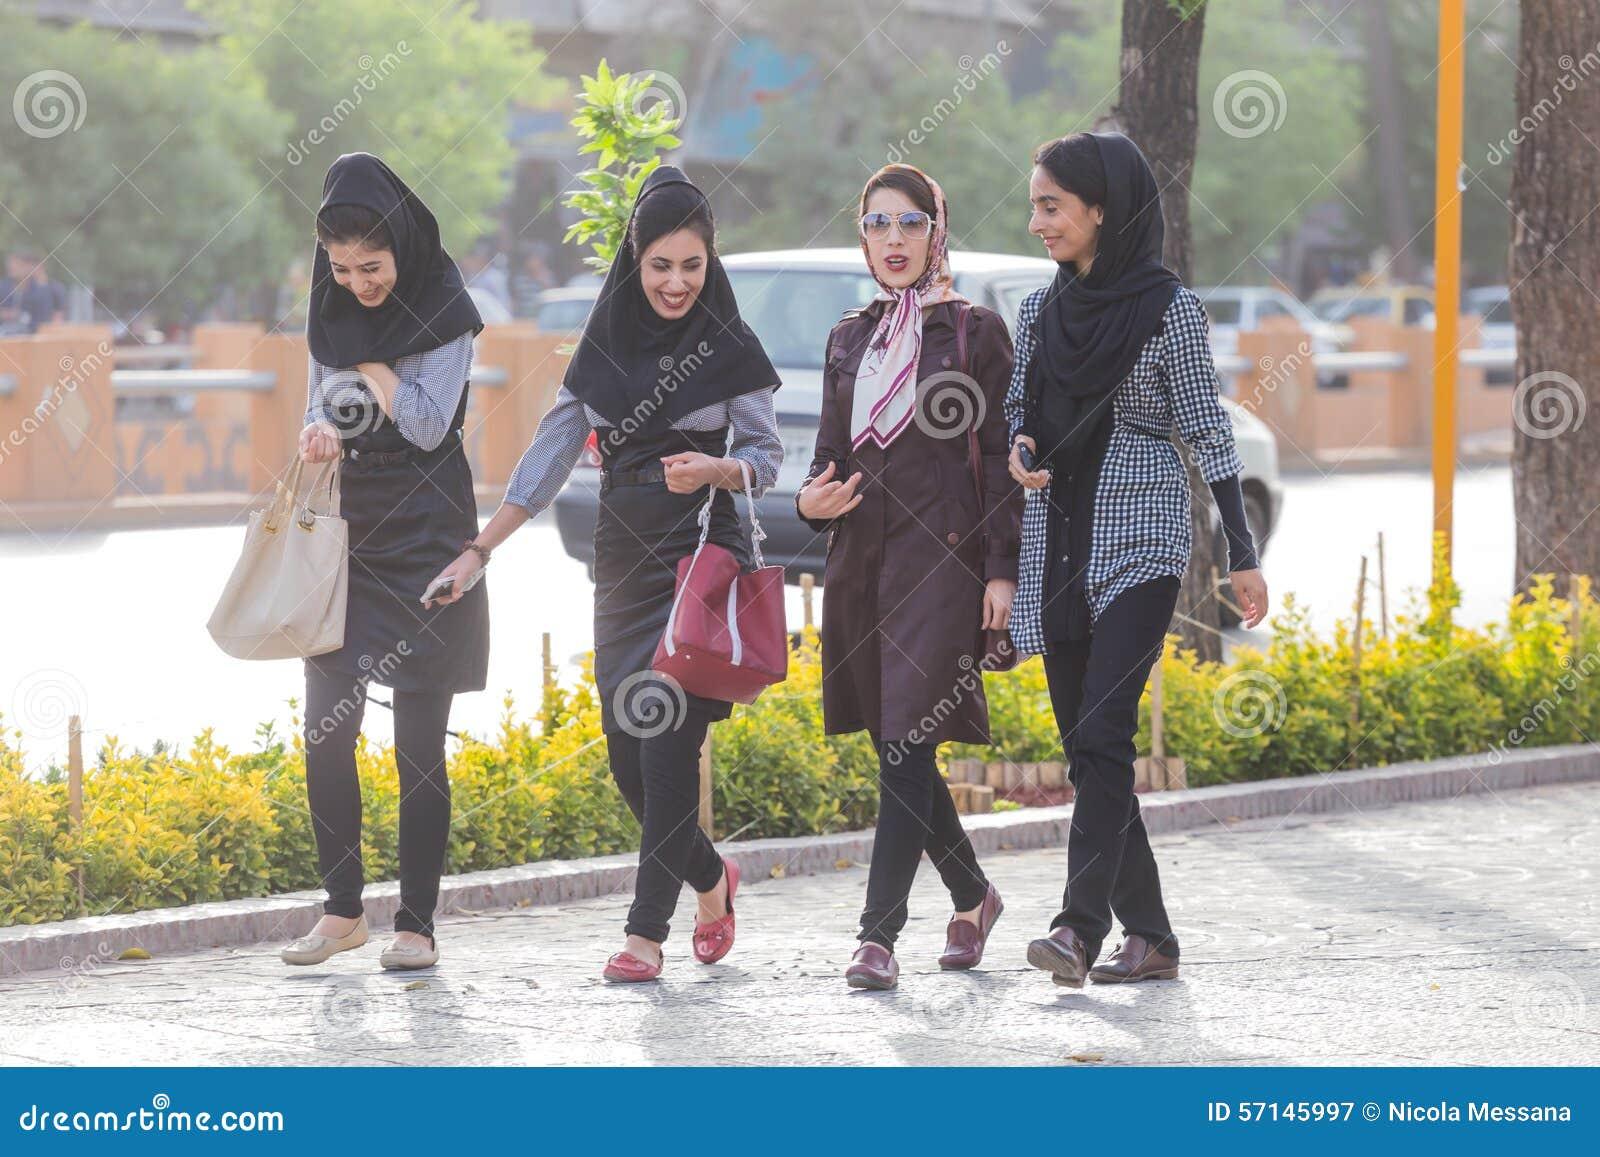 SHIRAZ, IRAN - APRIL 25, 2015: unidentified women walking in Shiraz ...